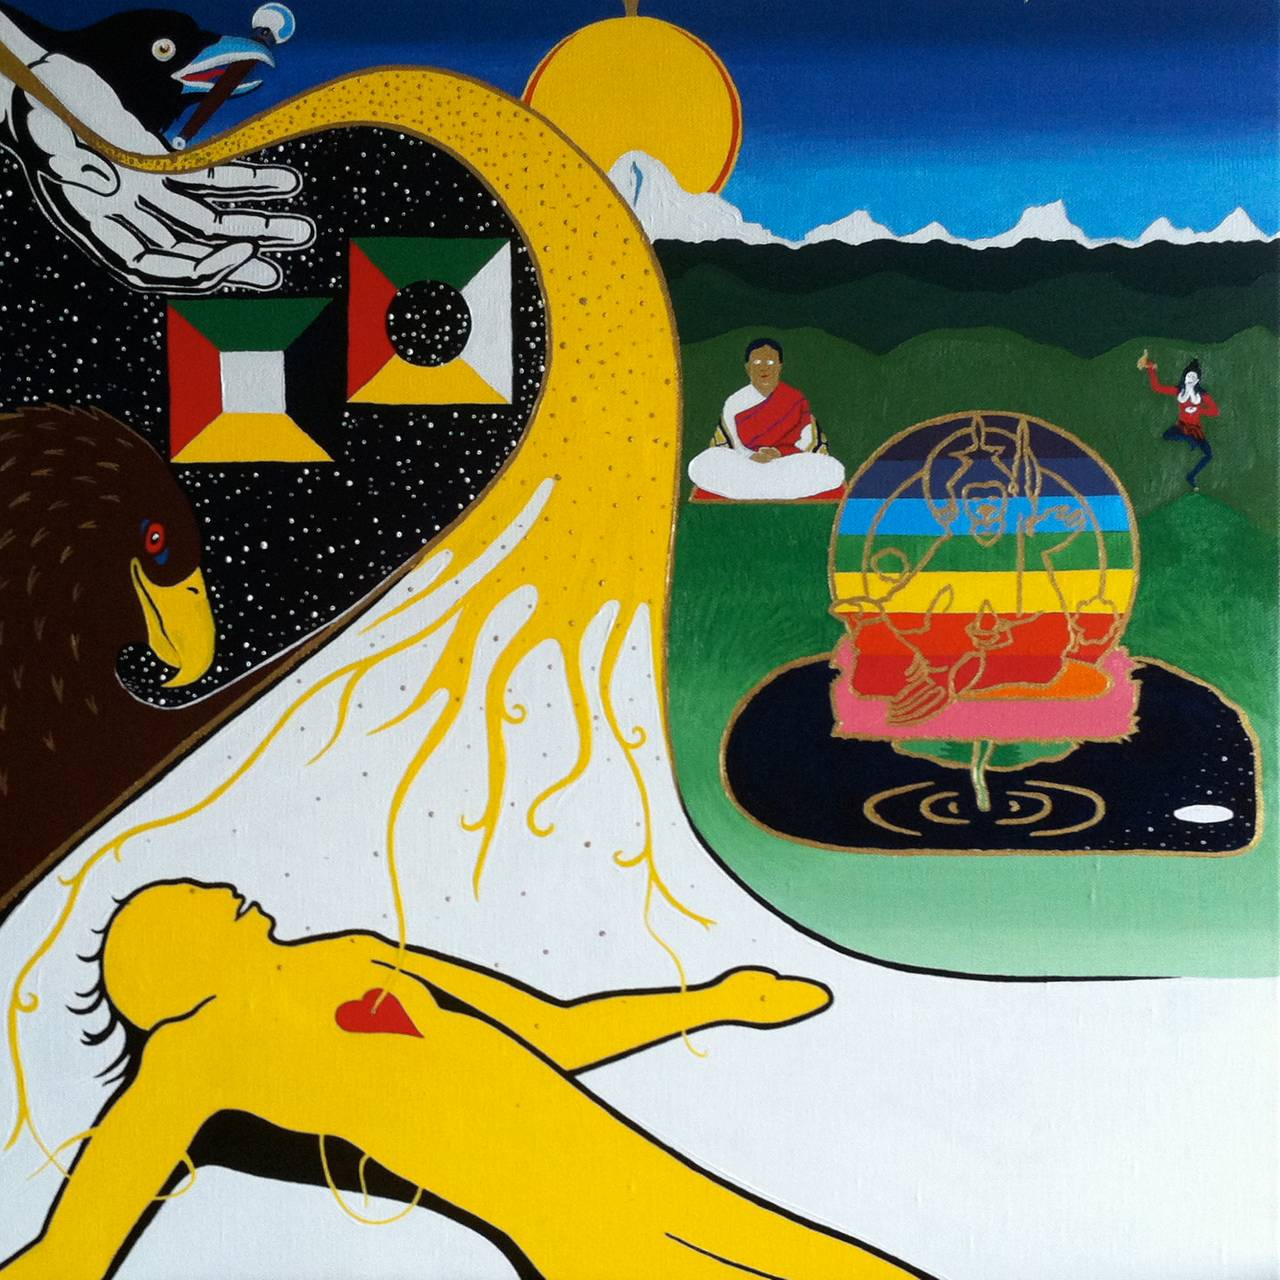 fargesprakende maleri av en gul skikkelse som ligger på bakken emd rødt hjerte, mer gult lys kommer mot ham som en elv, mens buddhistiske skikkelser danser og mediterer i fjellandskapet bak